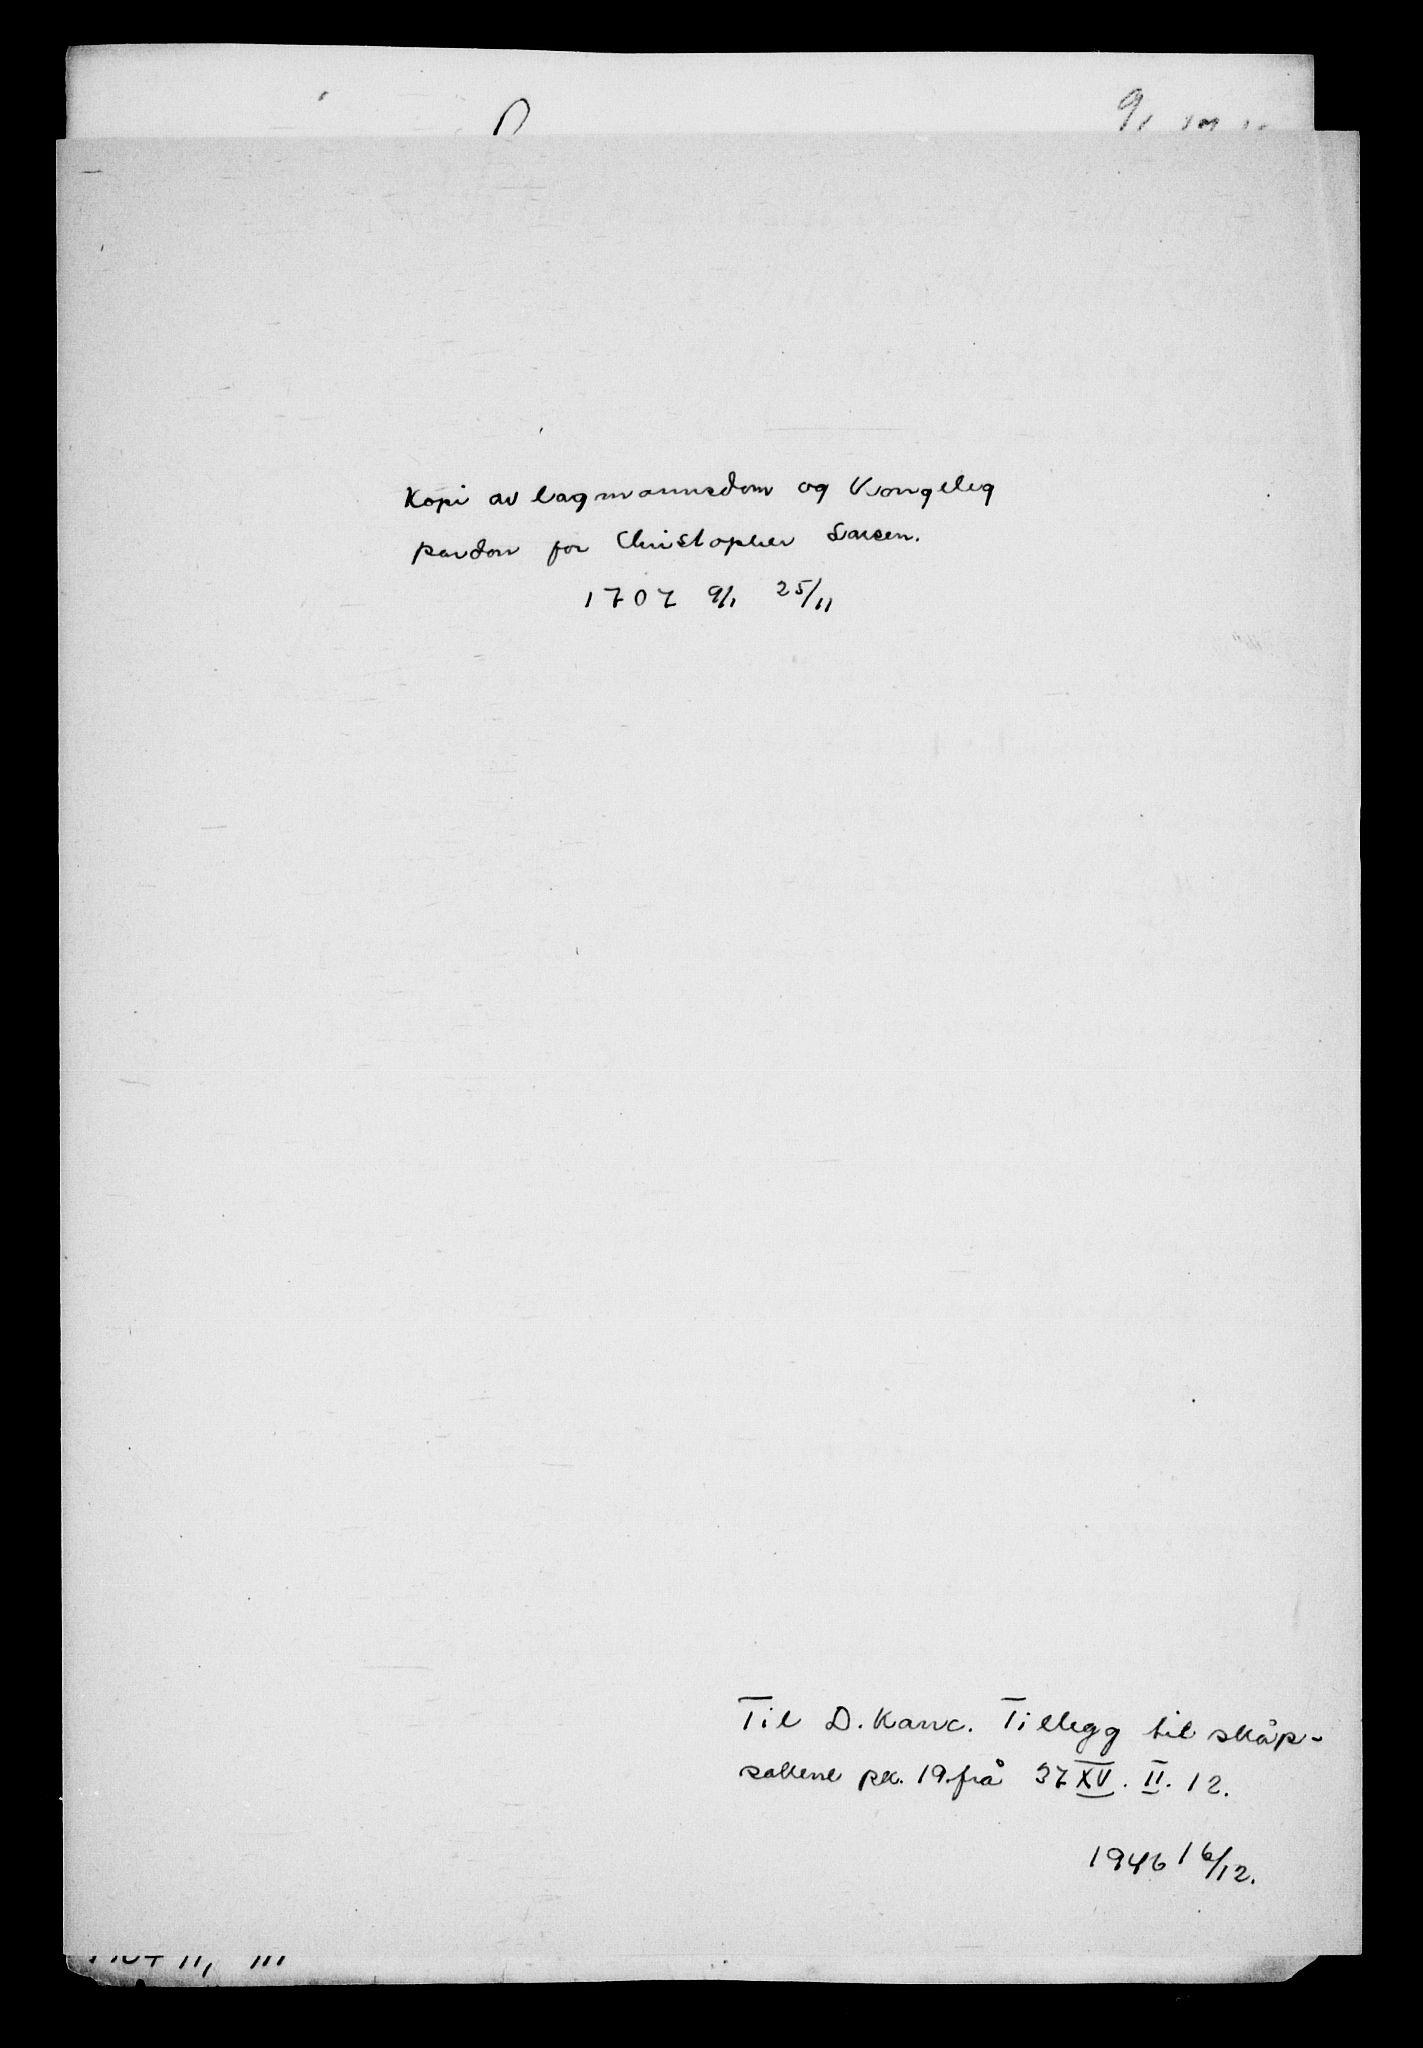 RA, Danske Kanselli, Skapsaker, G/L0019: Tillegg til skapsakene, 1616-1753, s. 341